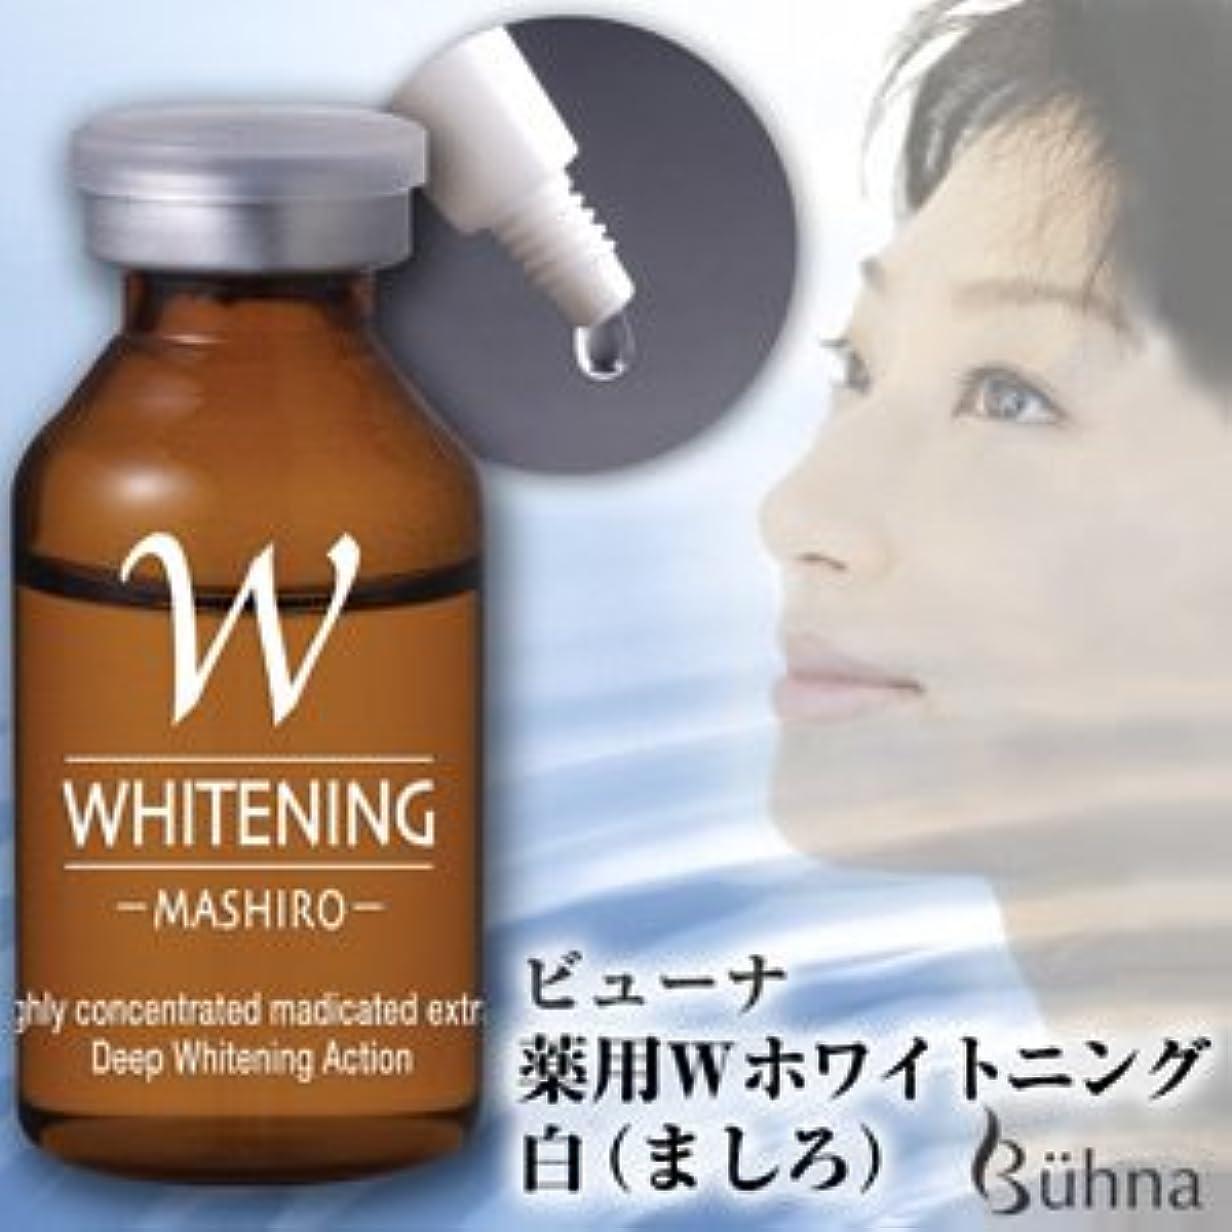 持っている投げ捨てる世界超高濃度!W原液がシミを断つ、翌朝の肌で感じる美肌力『薬用ダブルホワイトニング白(ましろ)』